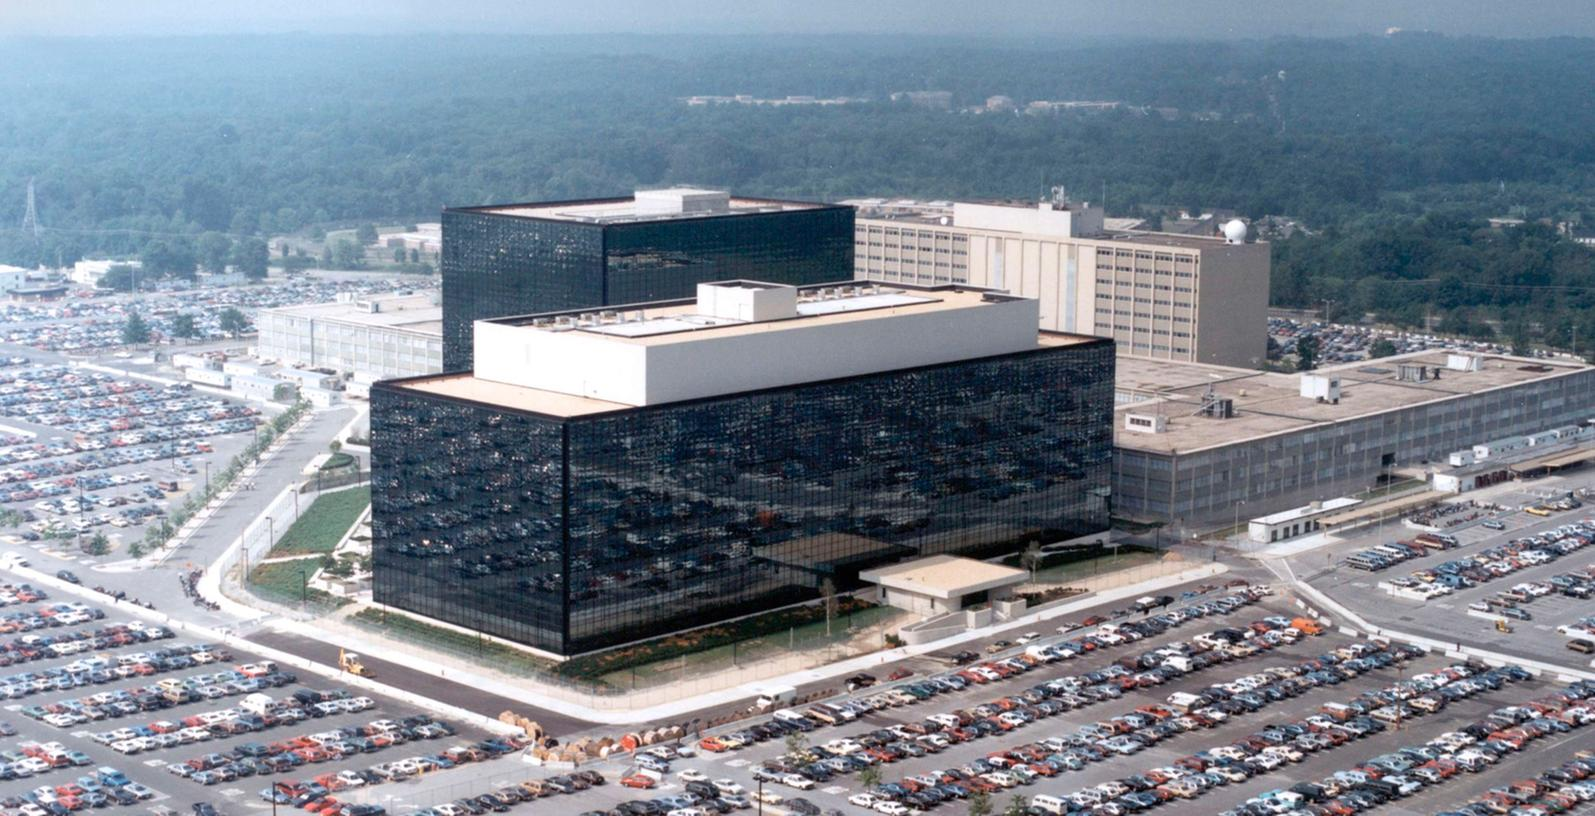 Dem Bundesnachrichtendienst (BND) wird vorgeworfen, im Auftrag des US-Geheimdienstes NSA europäische Politiker und Unternehmen mit Hilfe der Liste ausspioniert zu haben.